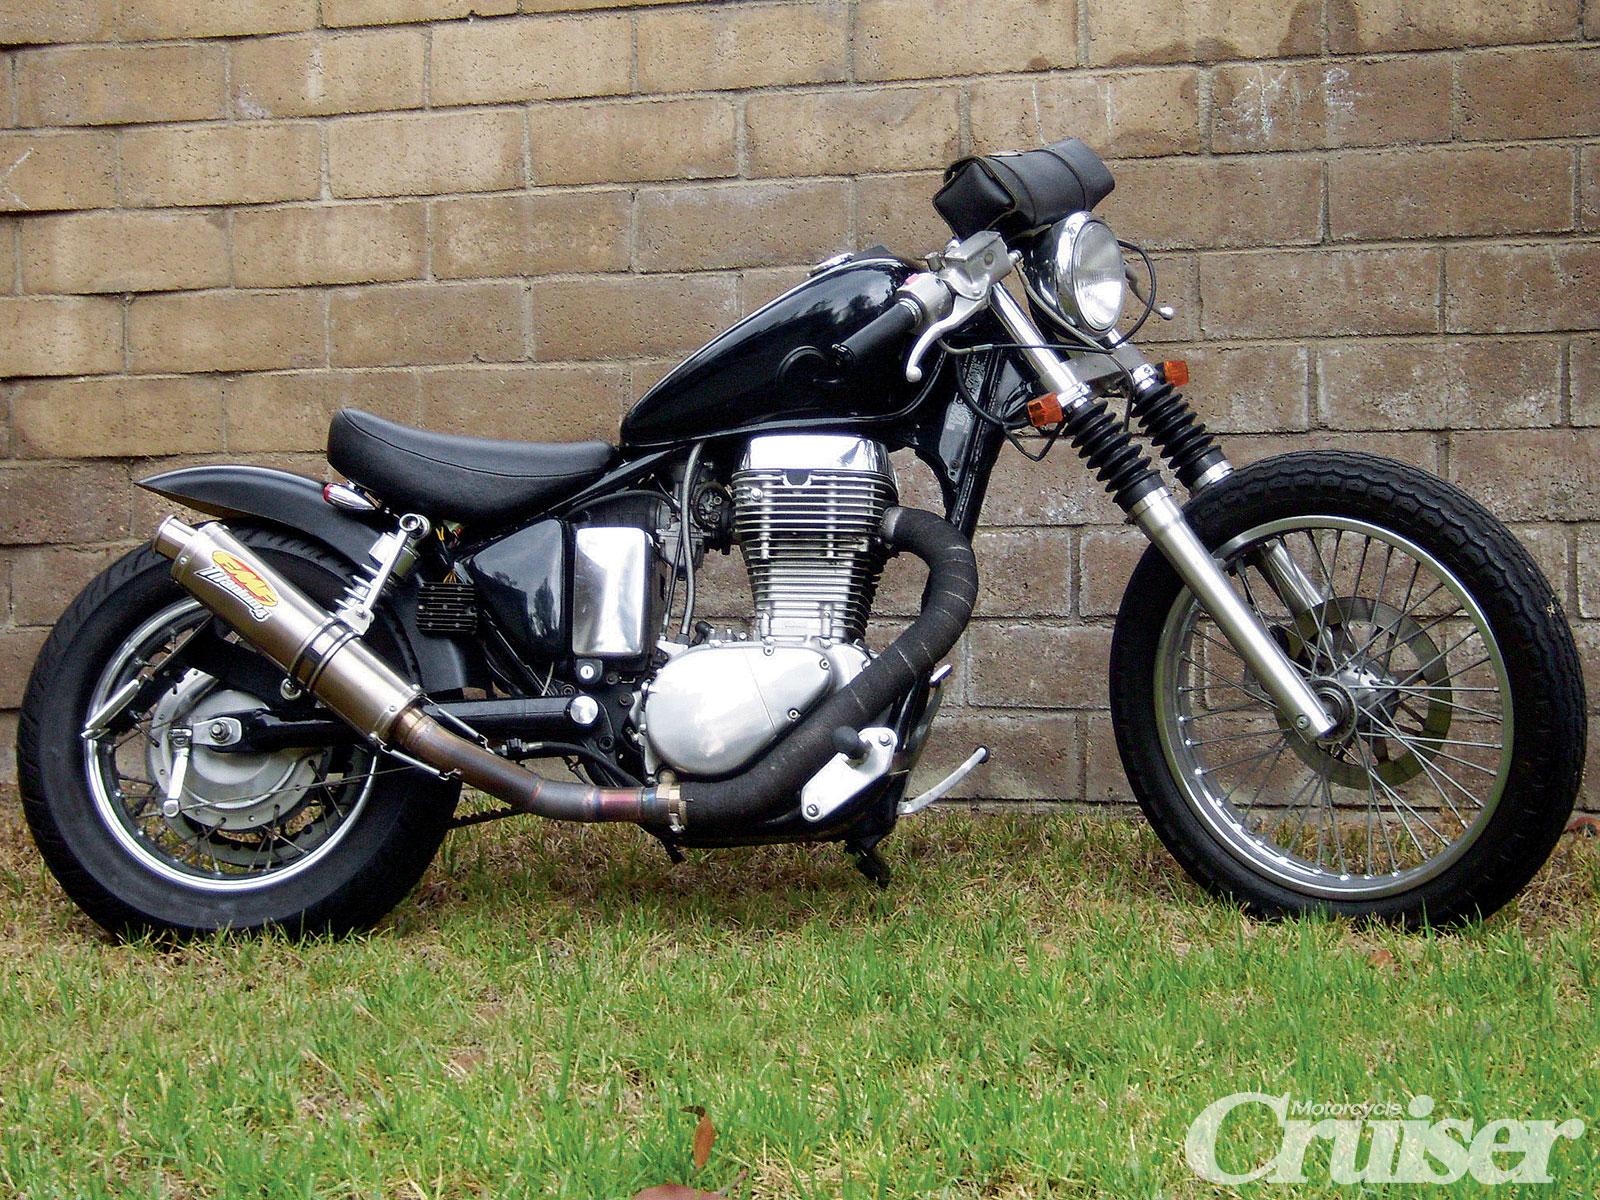 Significant Other 1997 Suzuki Savage